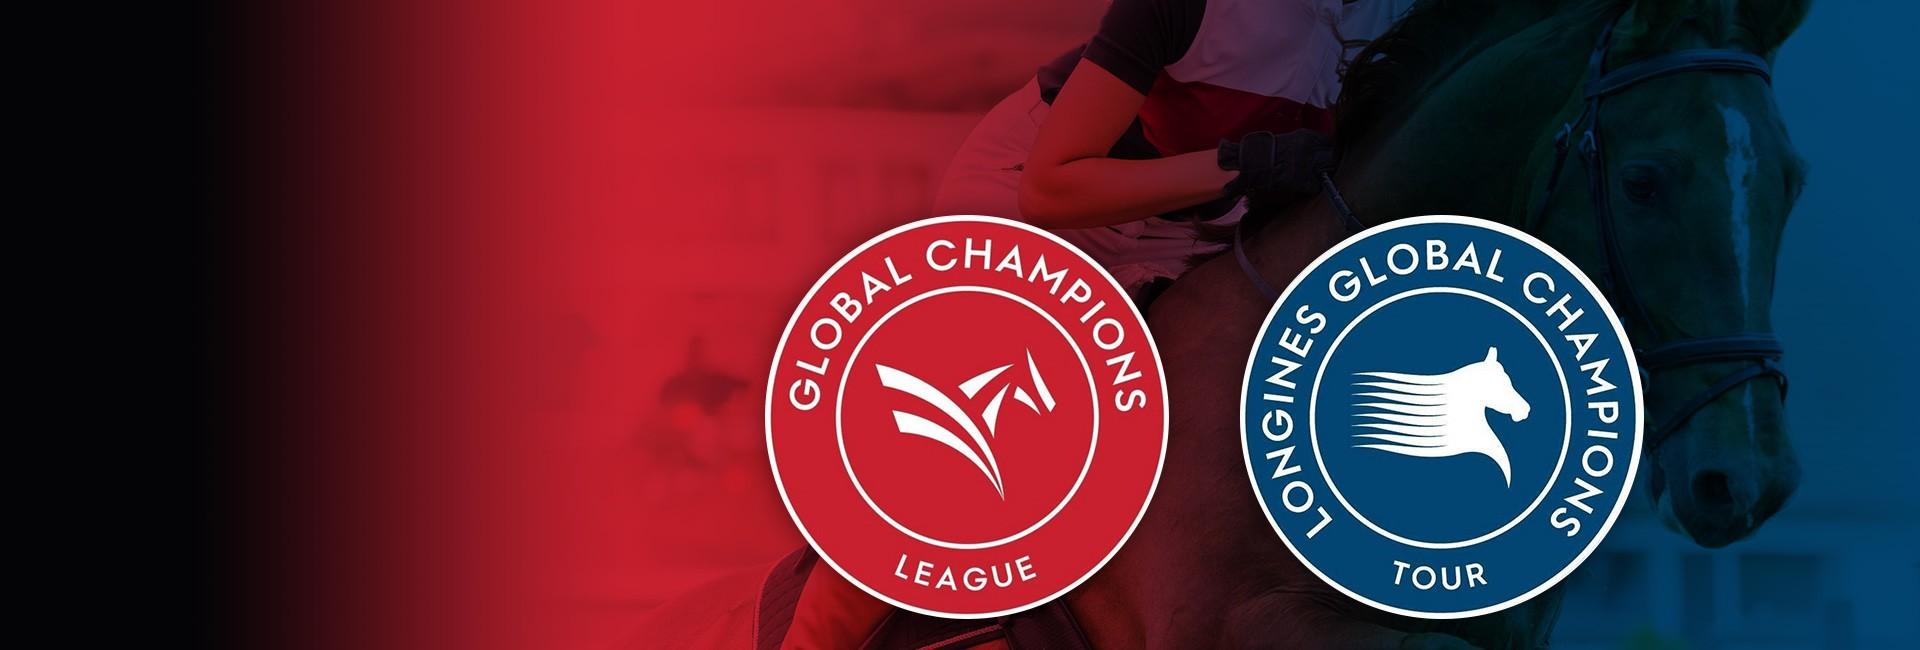 Parkurová Global Champions